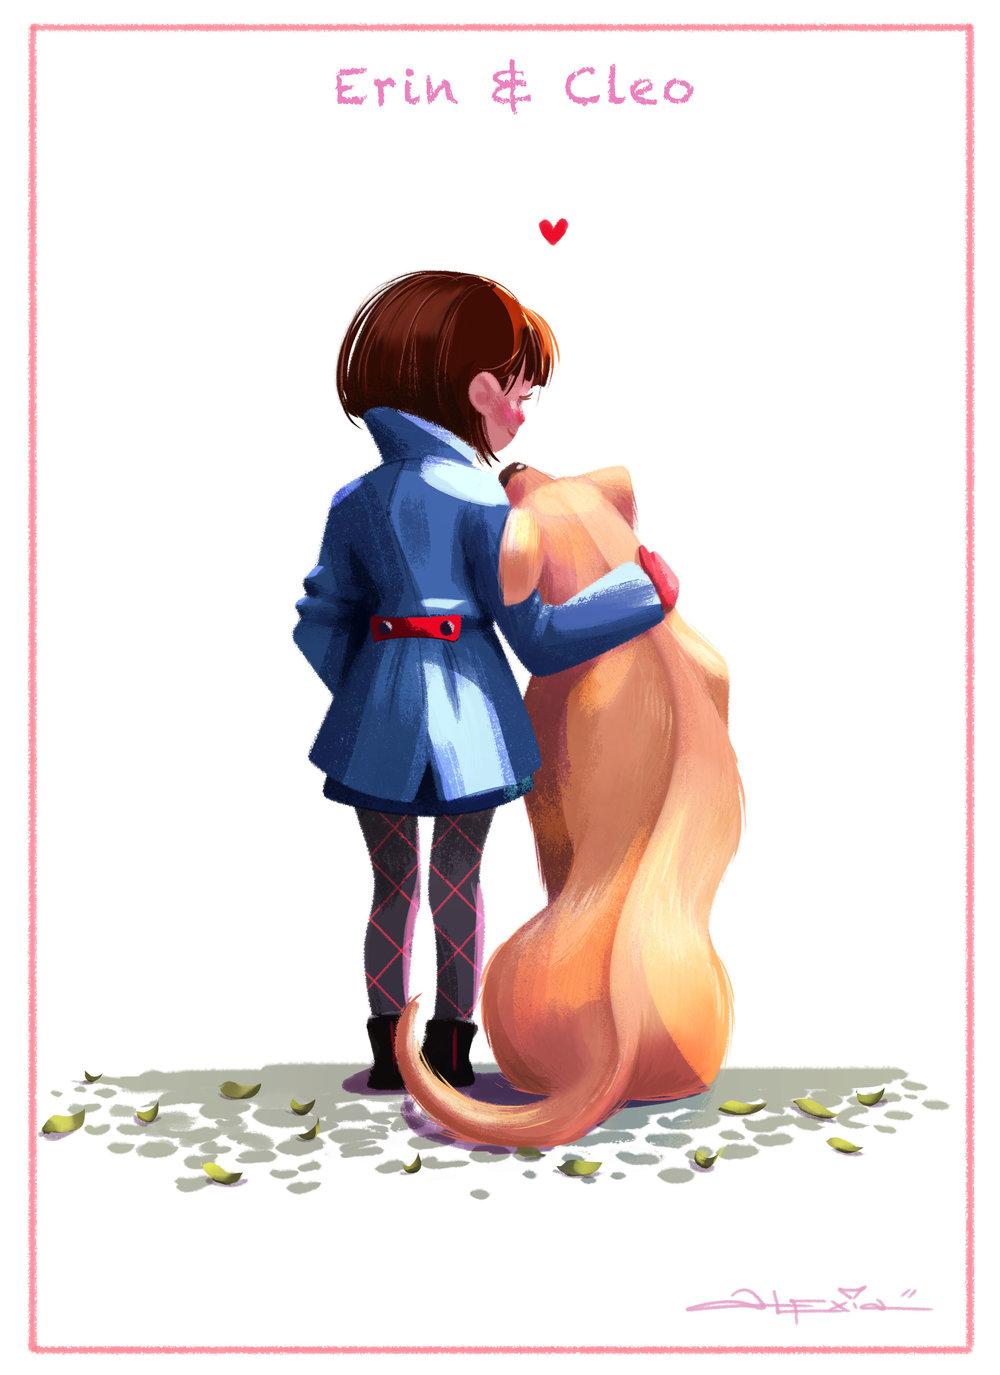 Erin & Cleo